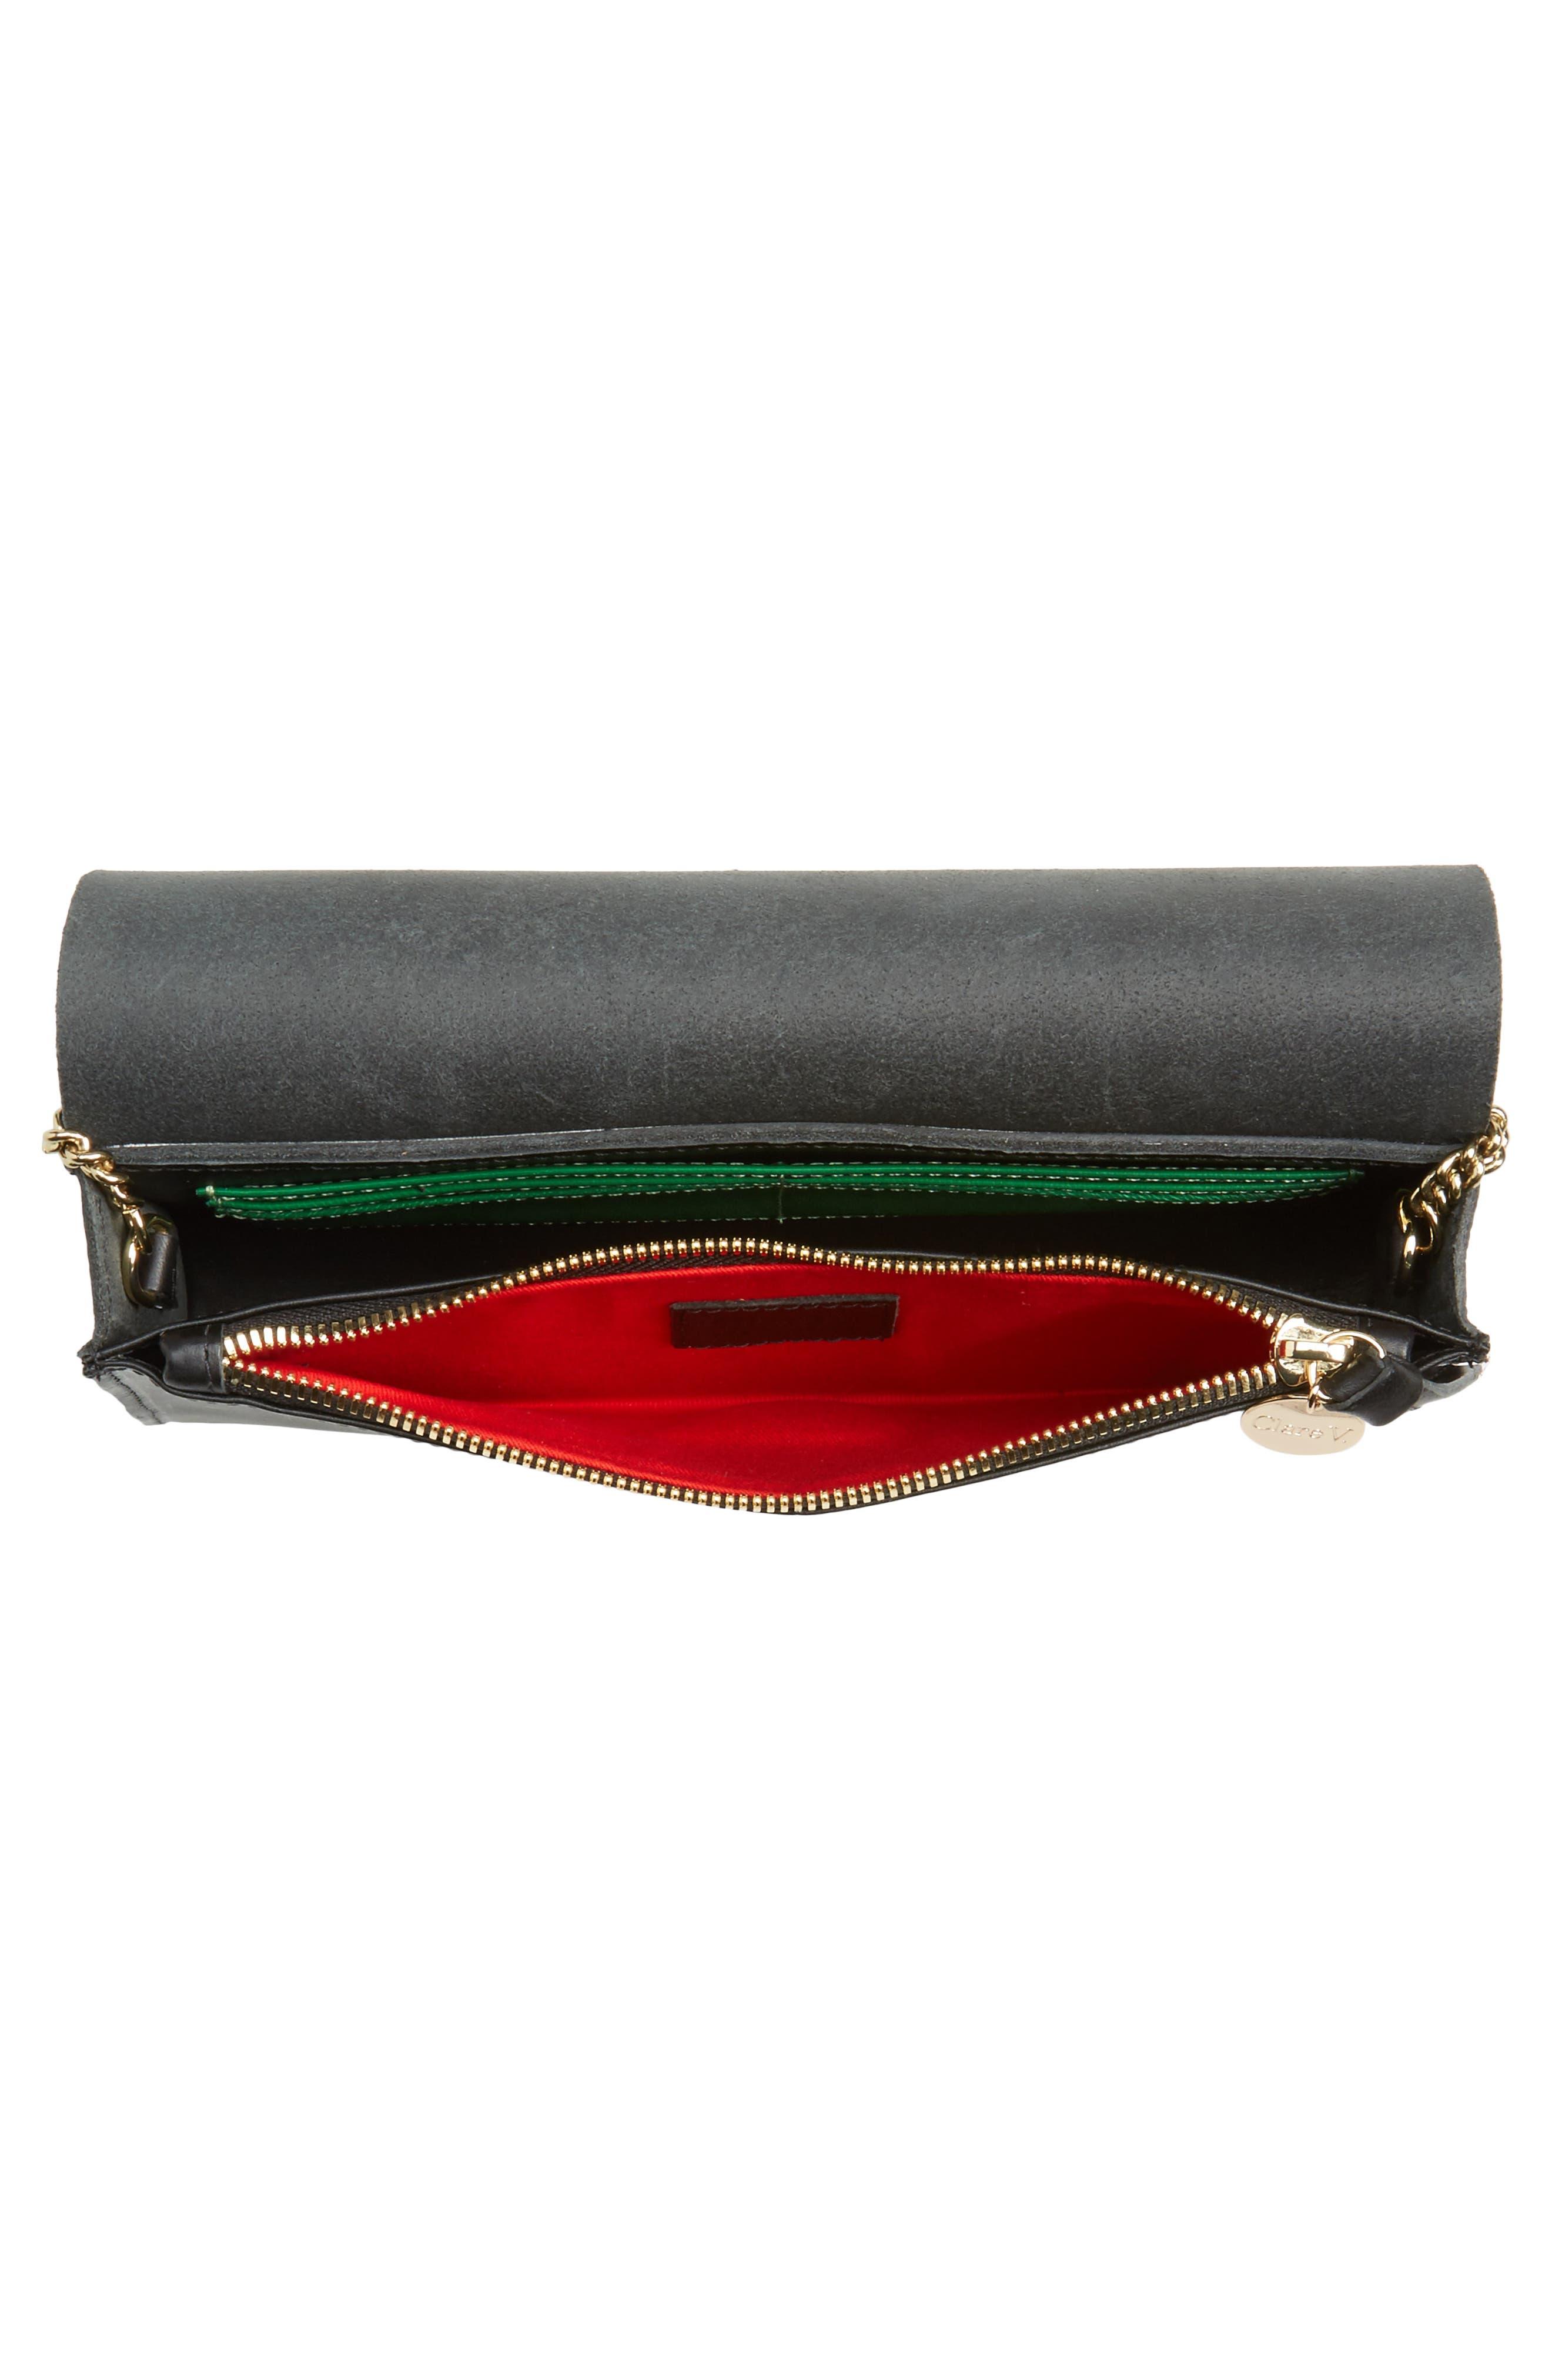 Colette Maison Leather Shoulder Bag,                             Alternate thumbnail 4, color,                             001